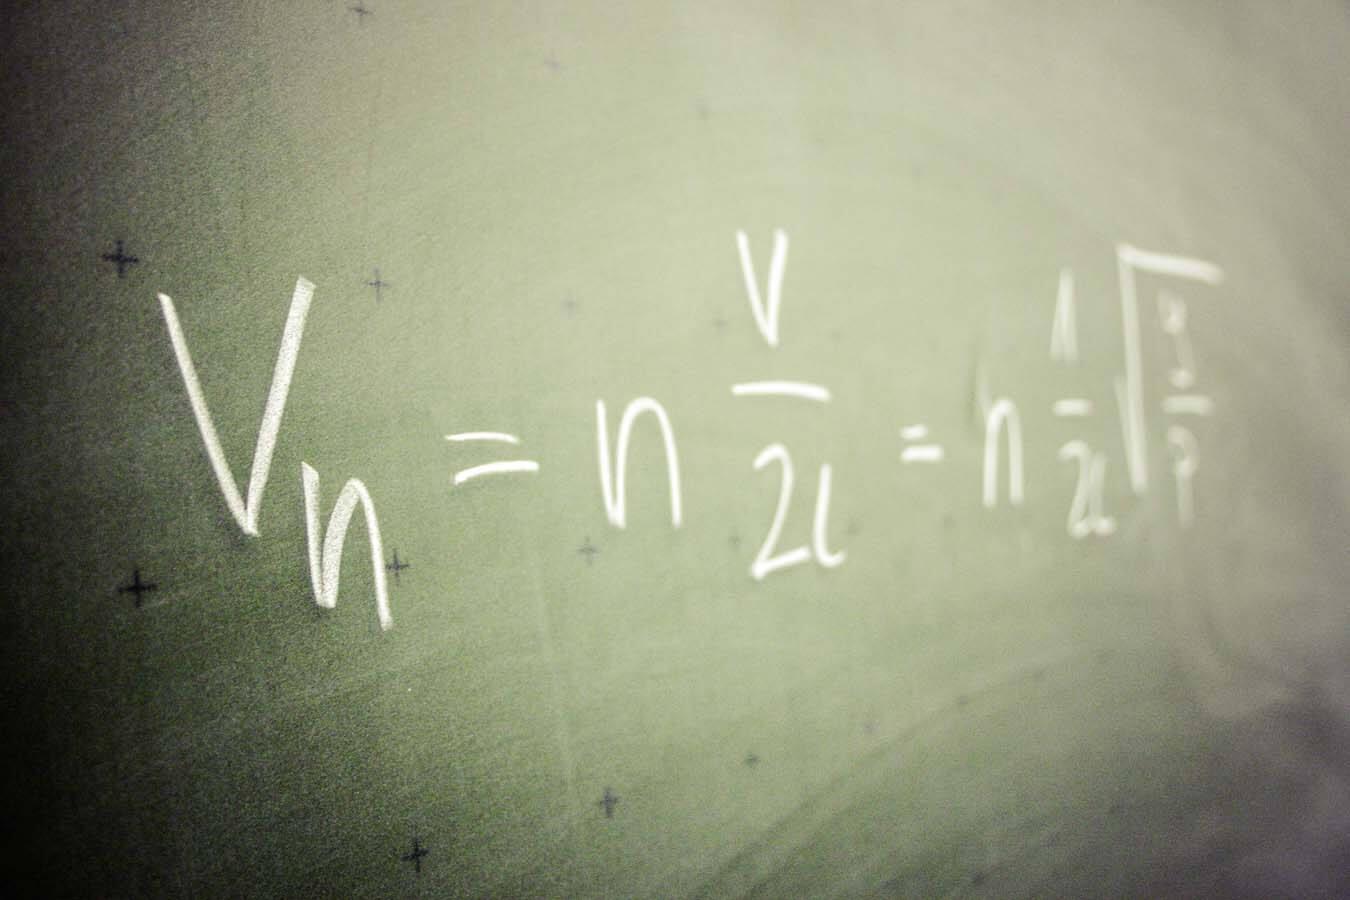 cours de mathematique pacy sur eure